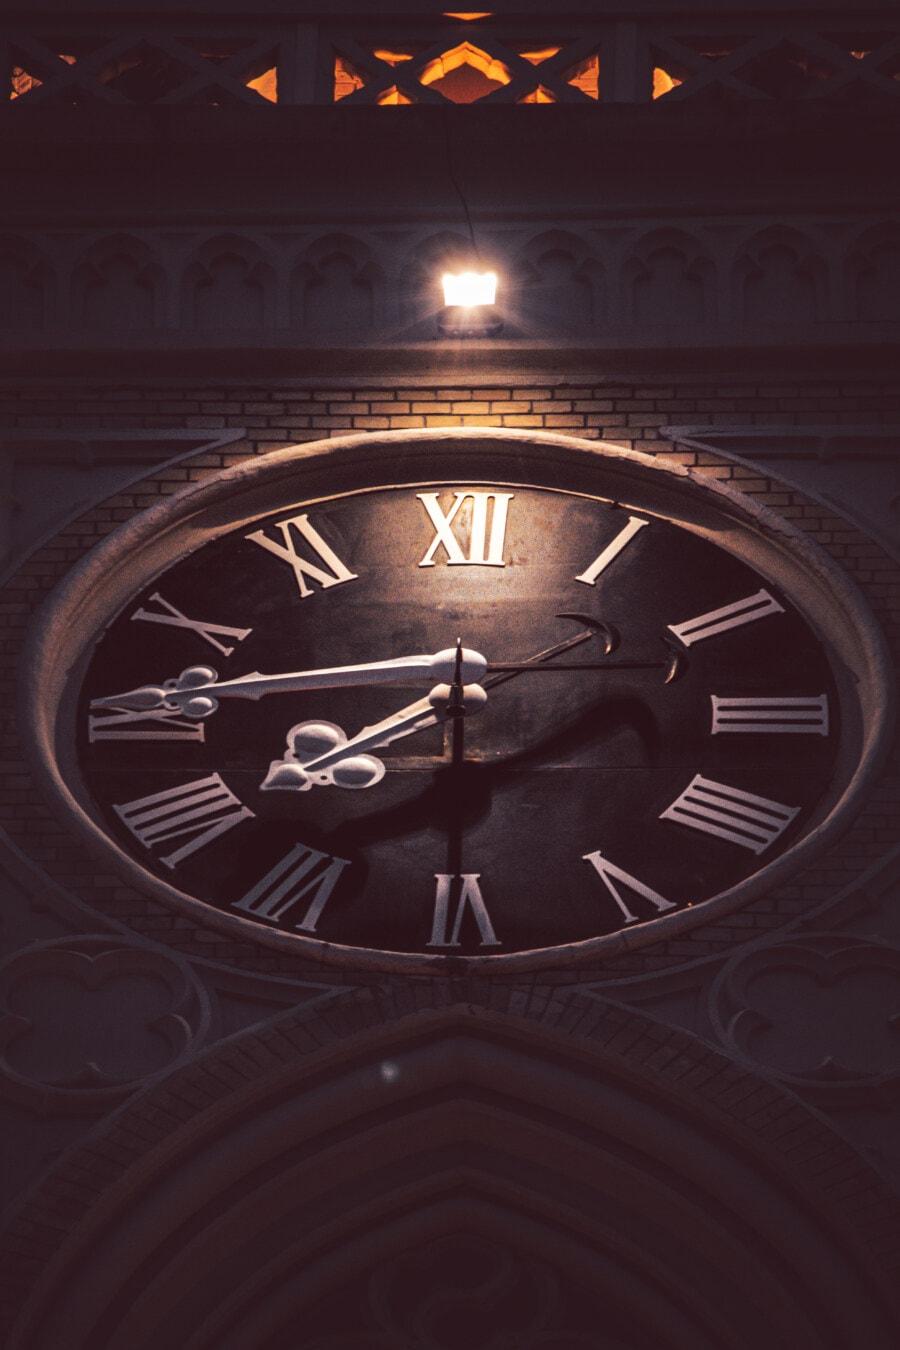 horloge analogique, style ancien, cathédrale, nuit, nuit, temps, horloge, minuit, retro, lumière